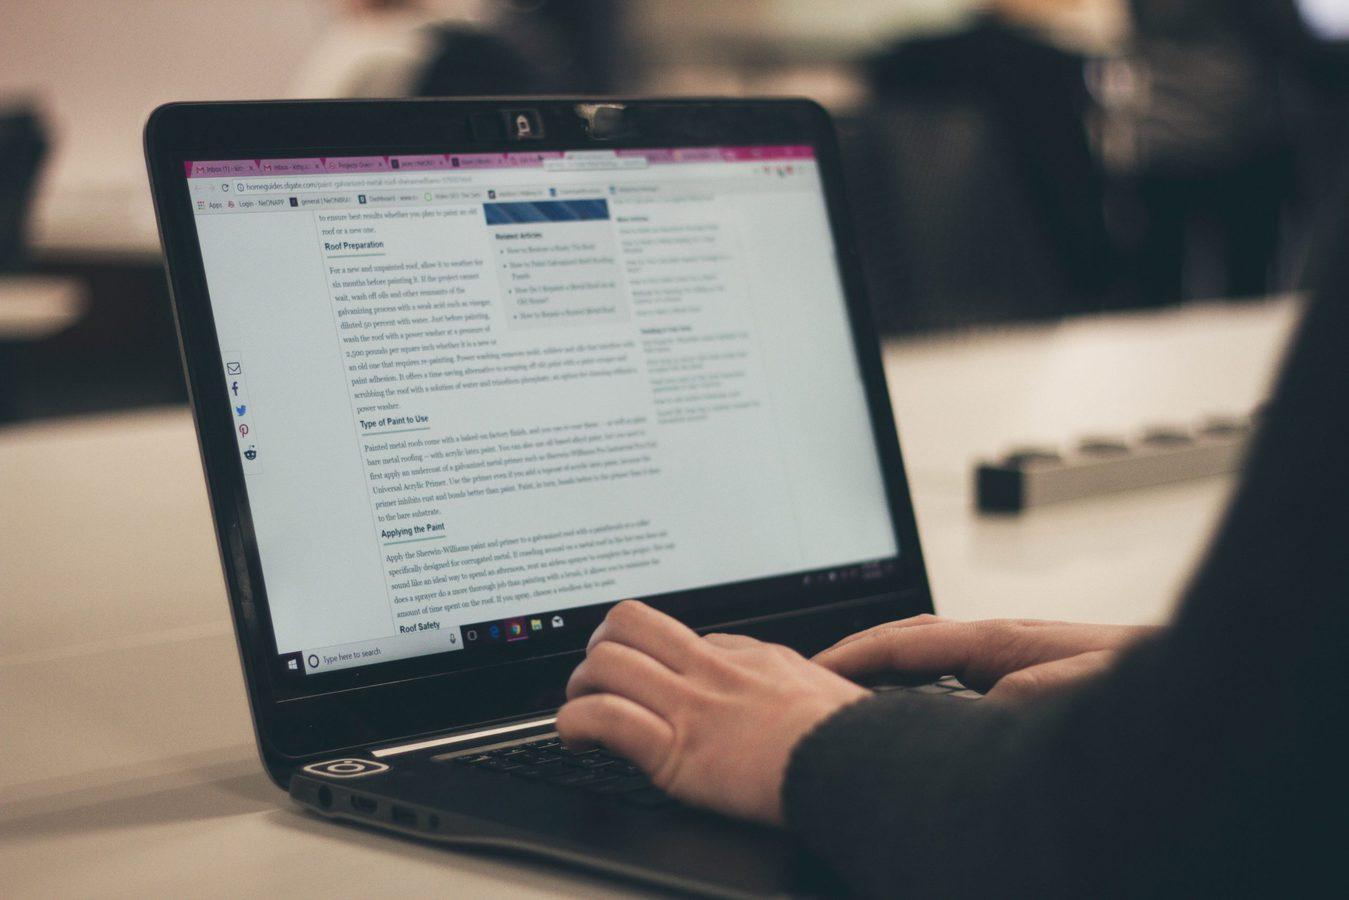 ý tưởng kinh doanh online: viết blog